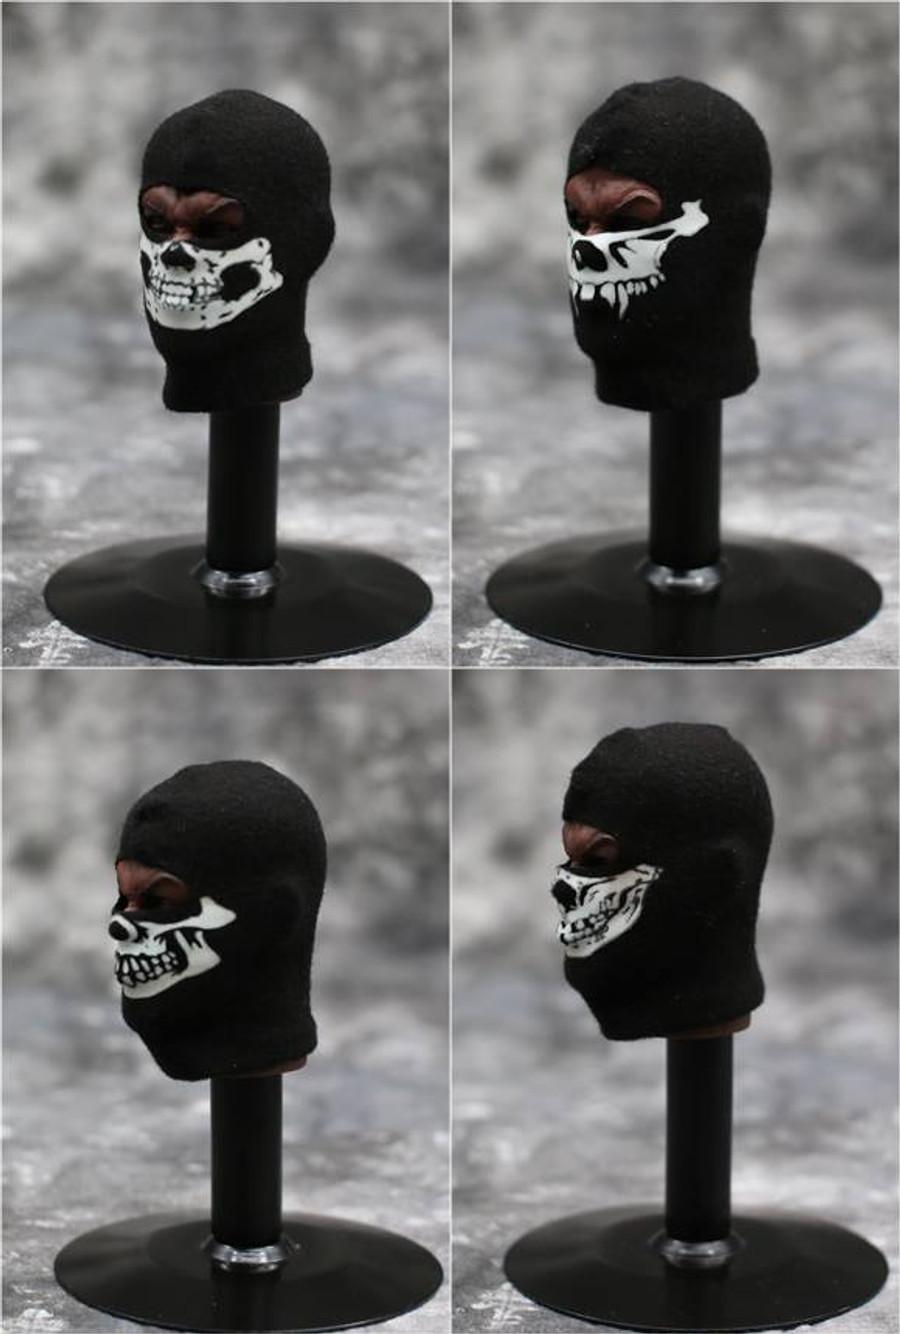 Other - Luminous Skull Balaclava